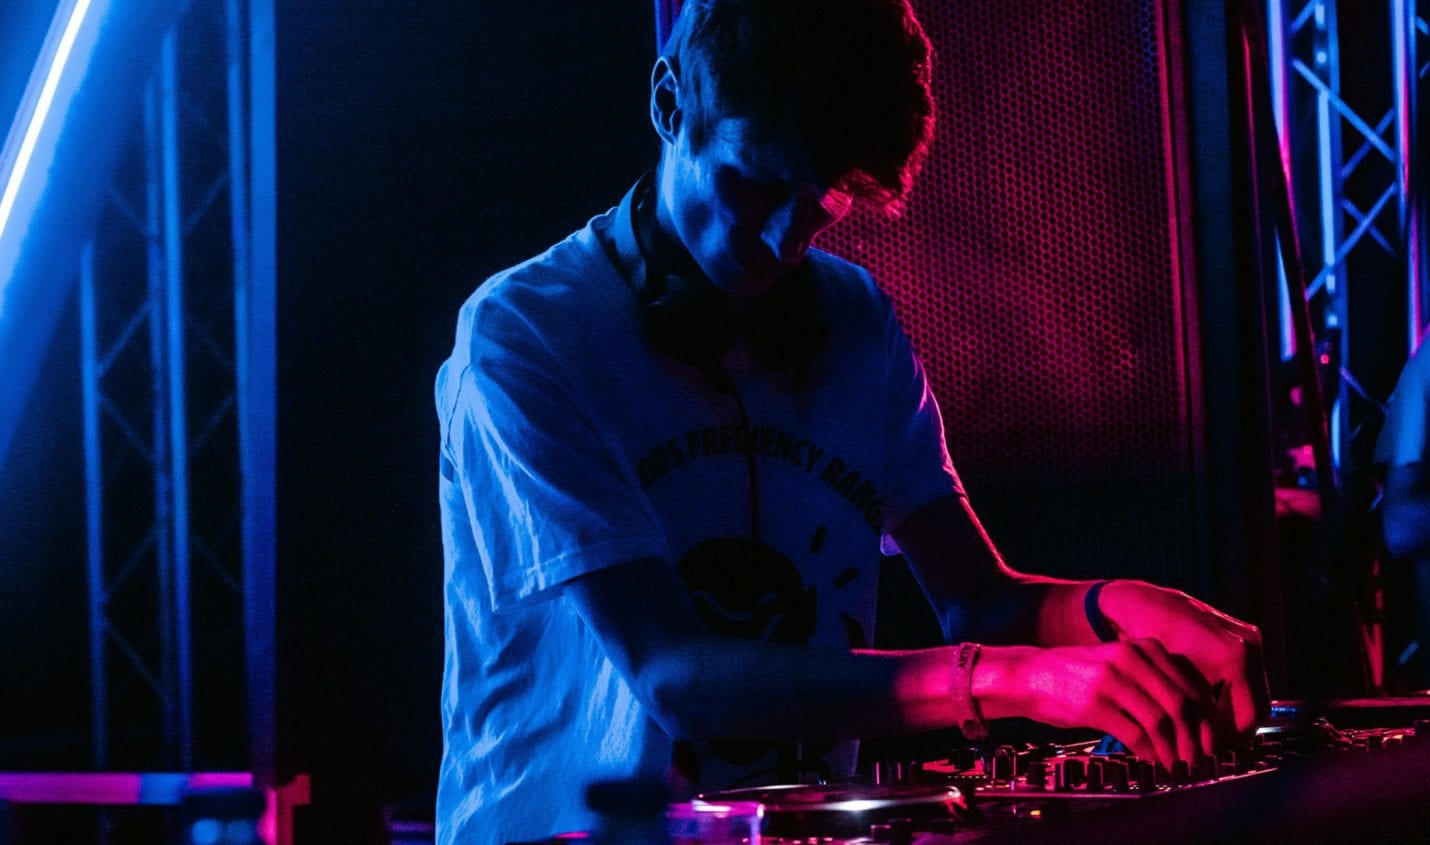 Skee Mask veröffentlicht überraschend sein neues Album 'Pool'